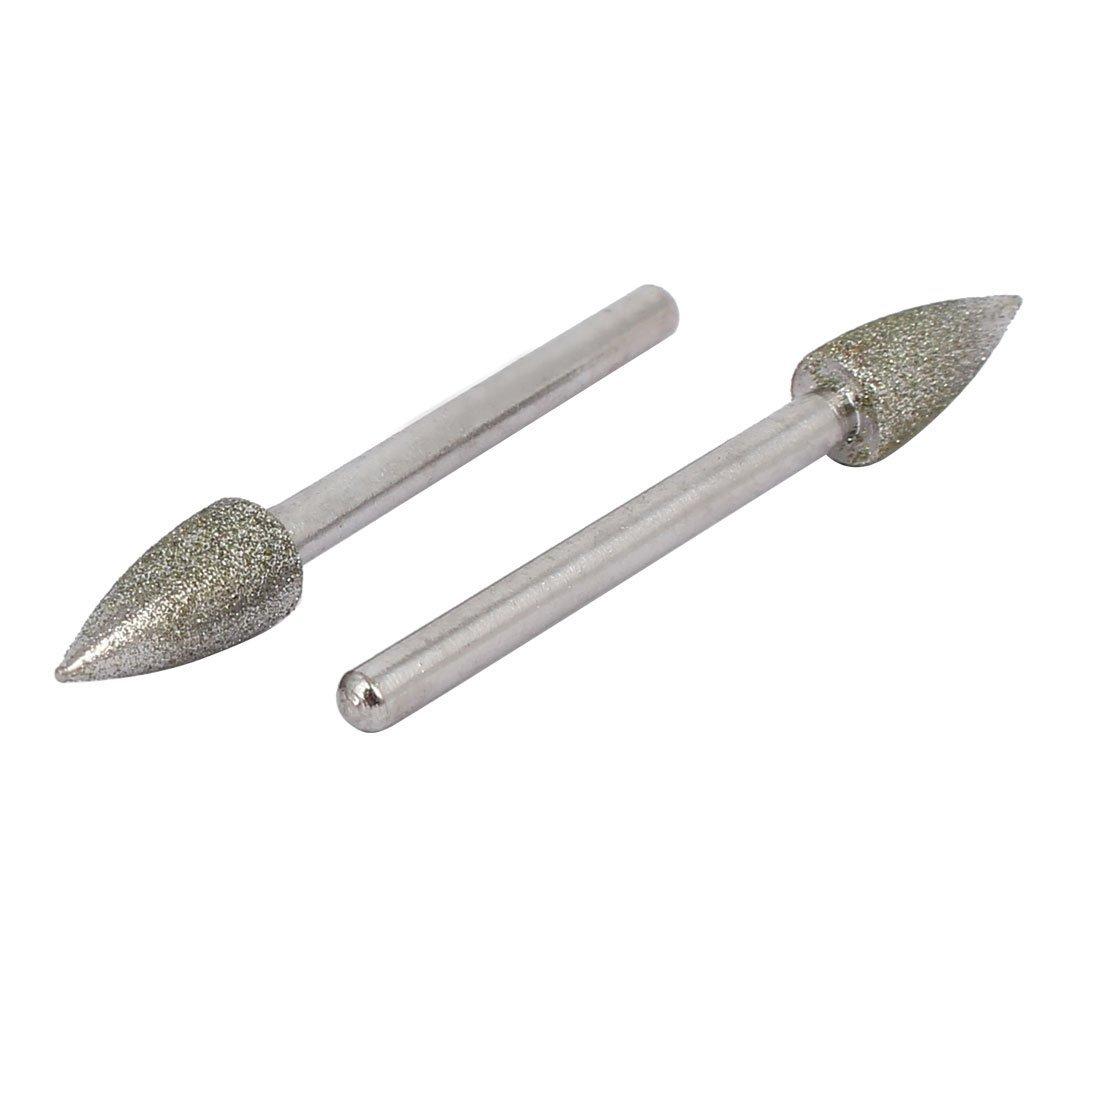 DealMux 3mm 08.01-Zoll-Schaft 6 mm Durchm Kegelkopf Diamant-Schleif Mounted Punkt Bit 5pcs